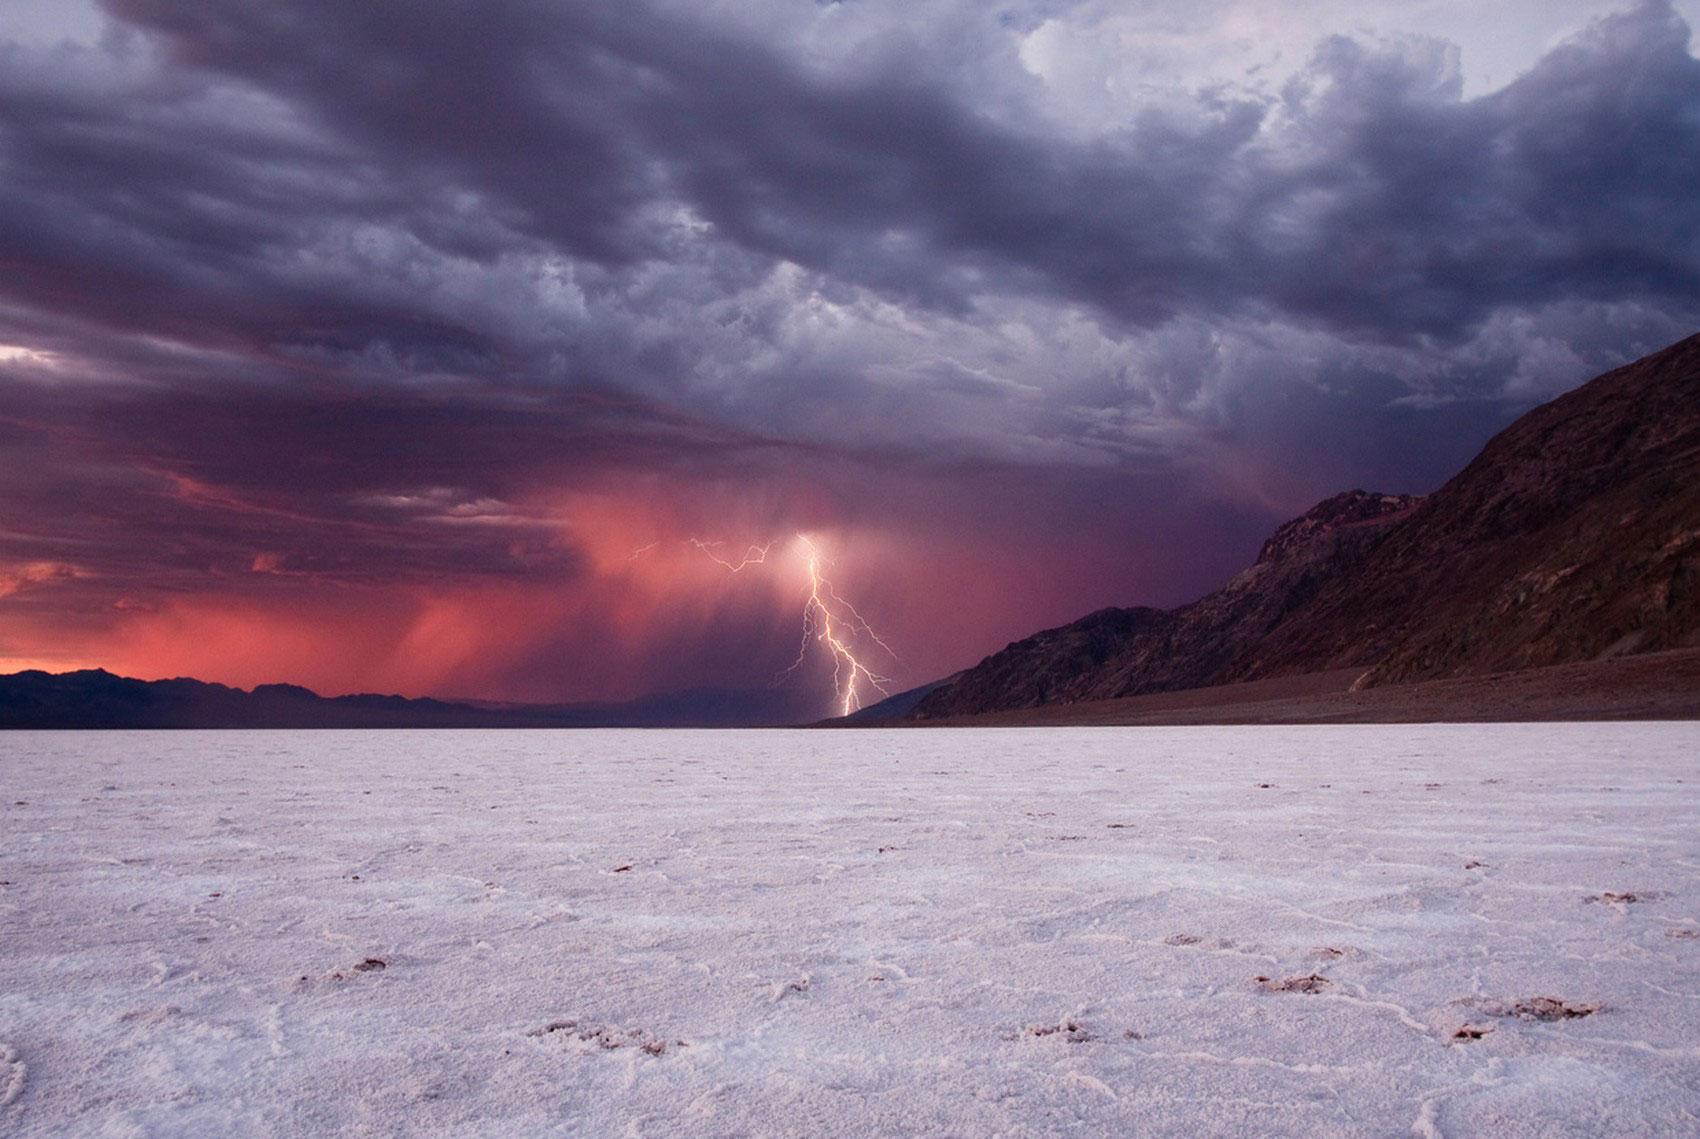 Гроза с молниями, фото